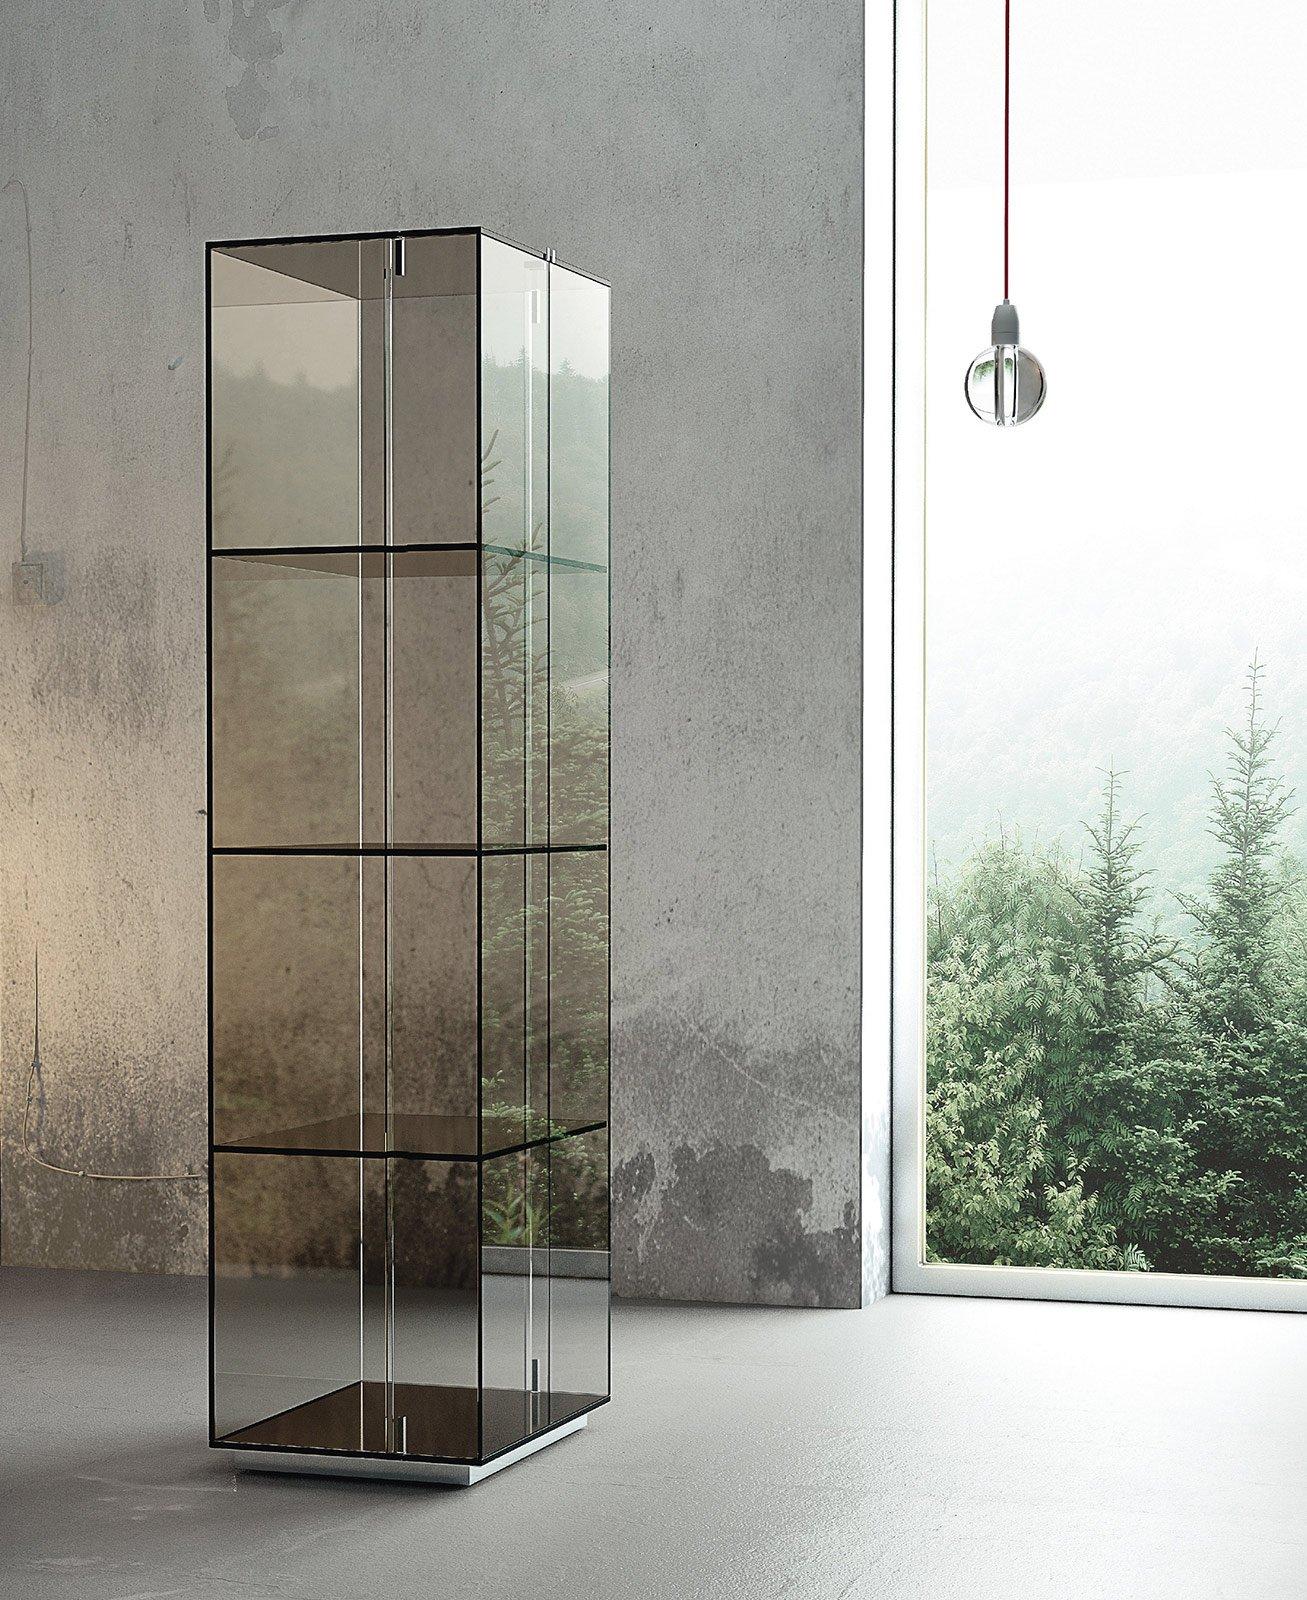 mobili con anta in vetro - cose di casa - Soggiorno Ad Angolo Moderno 2